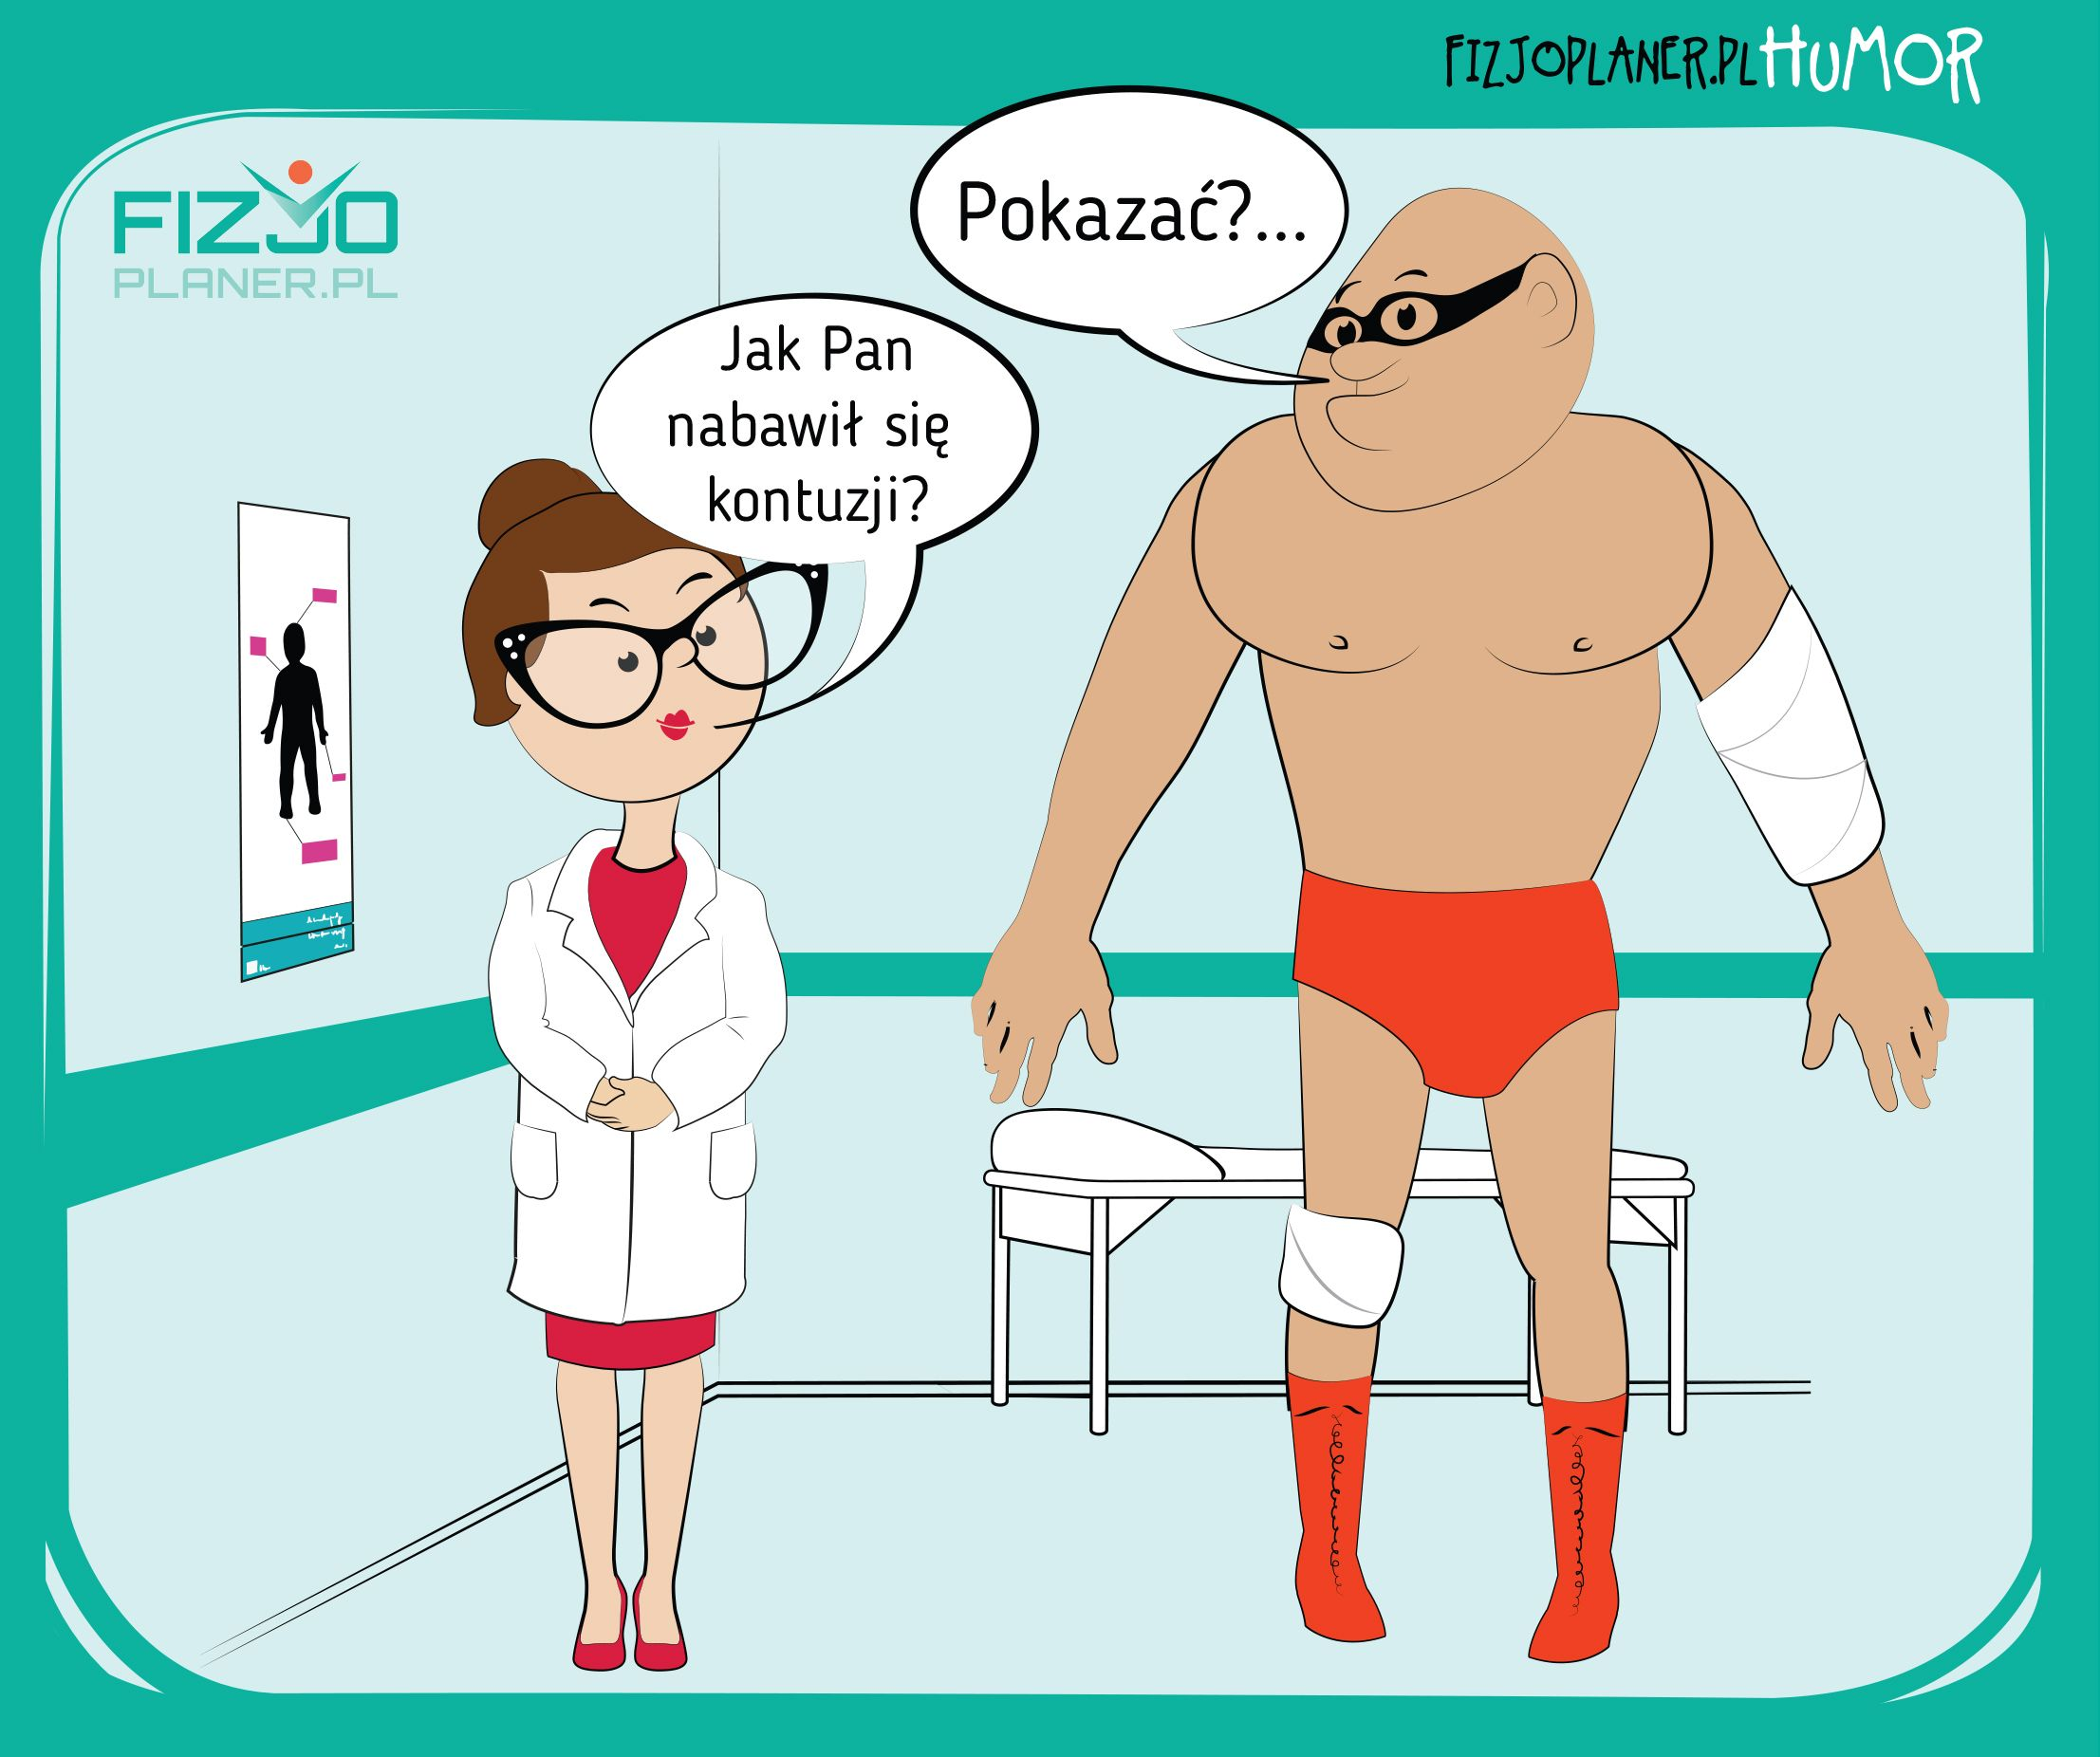 urazy kontuzje-Fizjoplaner.pl/humor